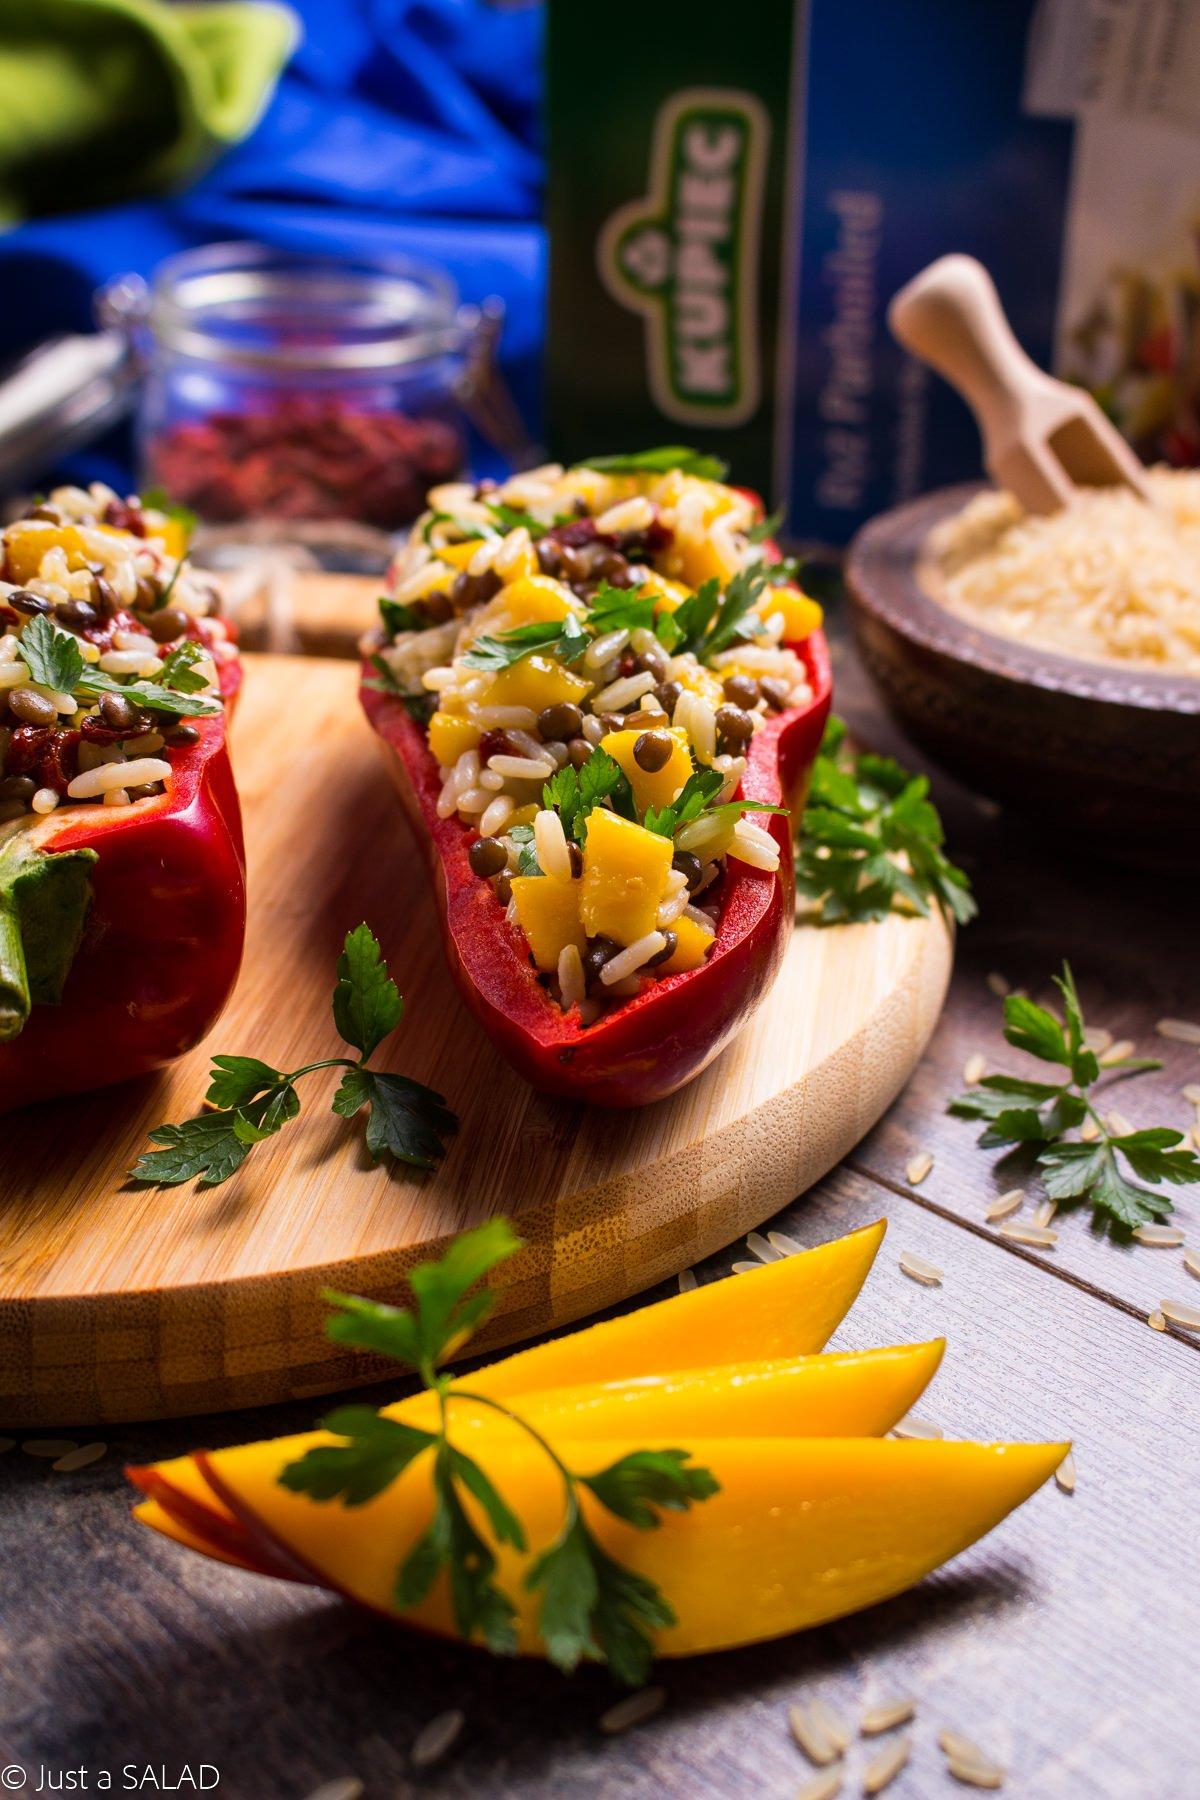 Ryżowe papryczki. Sałatka z ryżem, soczewicą, mango, pietruszką i jagodami goji w spiczastej papryce.